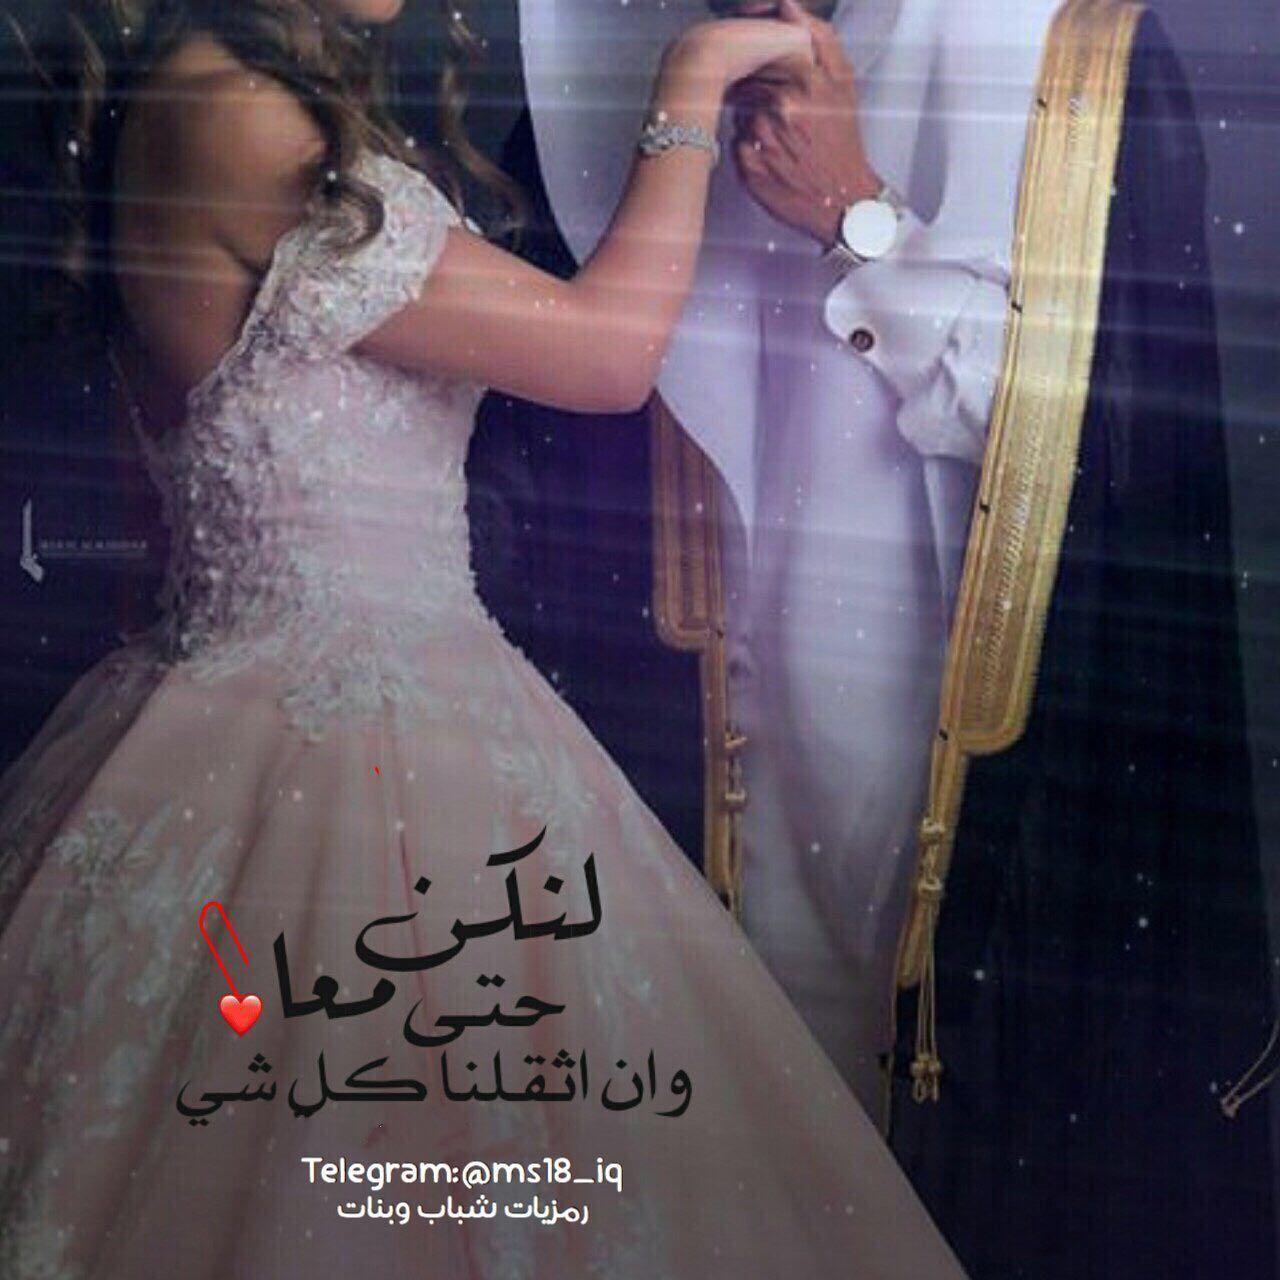 Pin By Beyaz Gul On رمزيات Arabian Wedding Arab Wedding Wedding Dresses